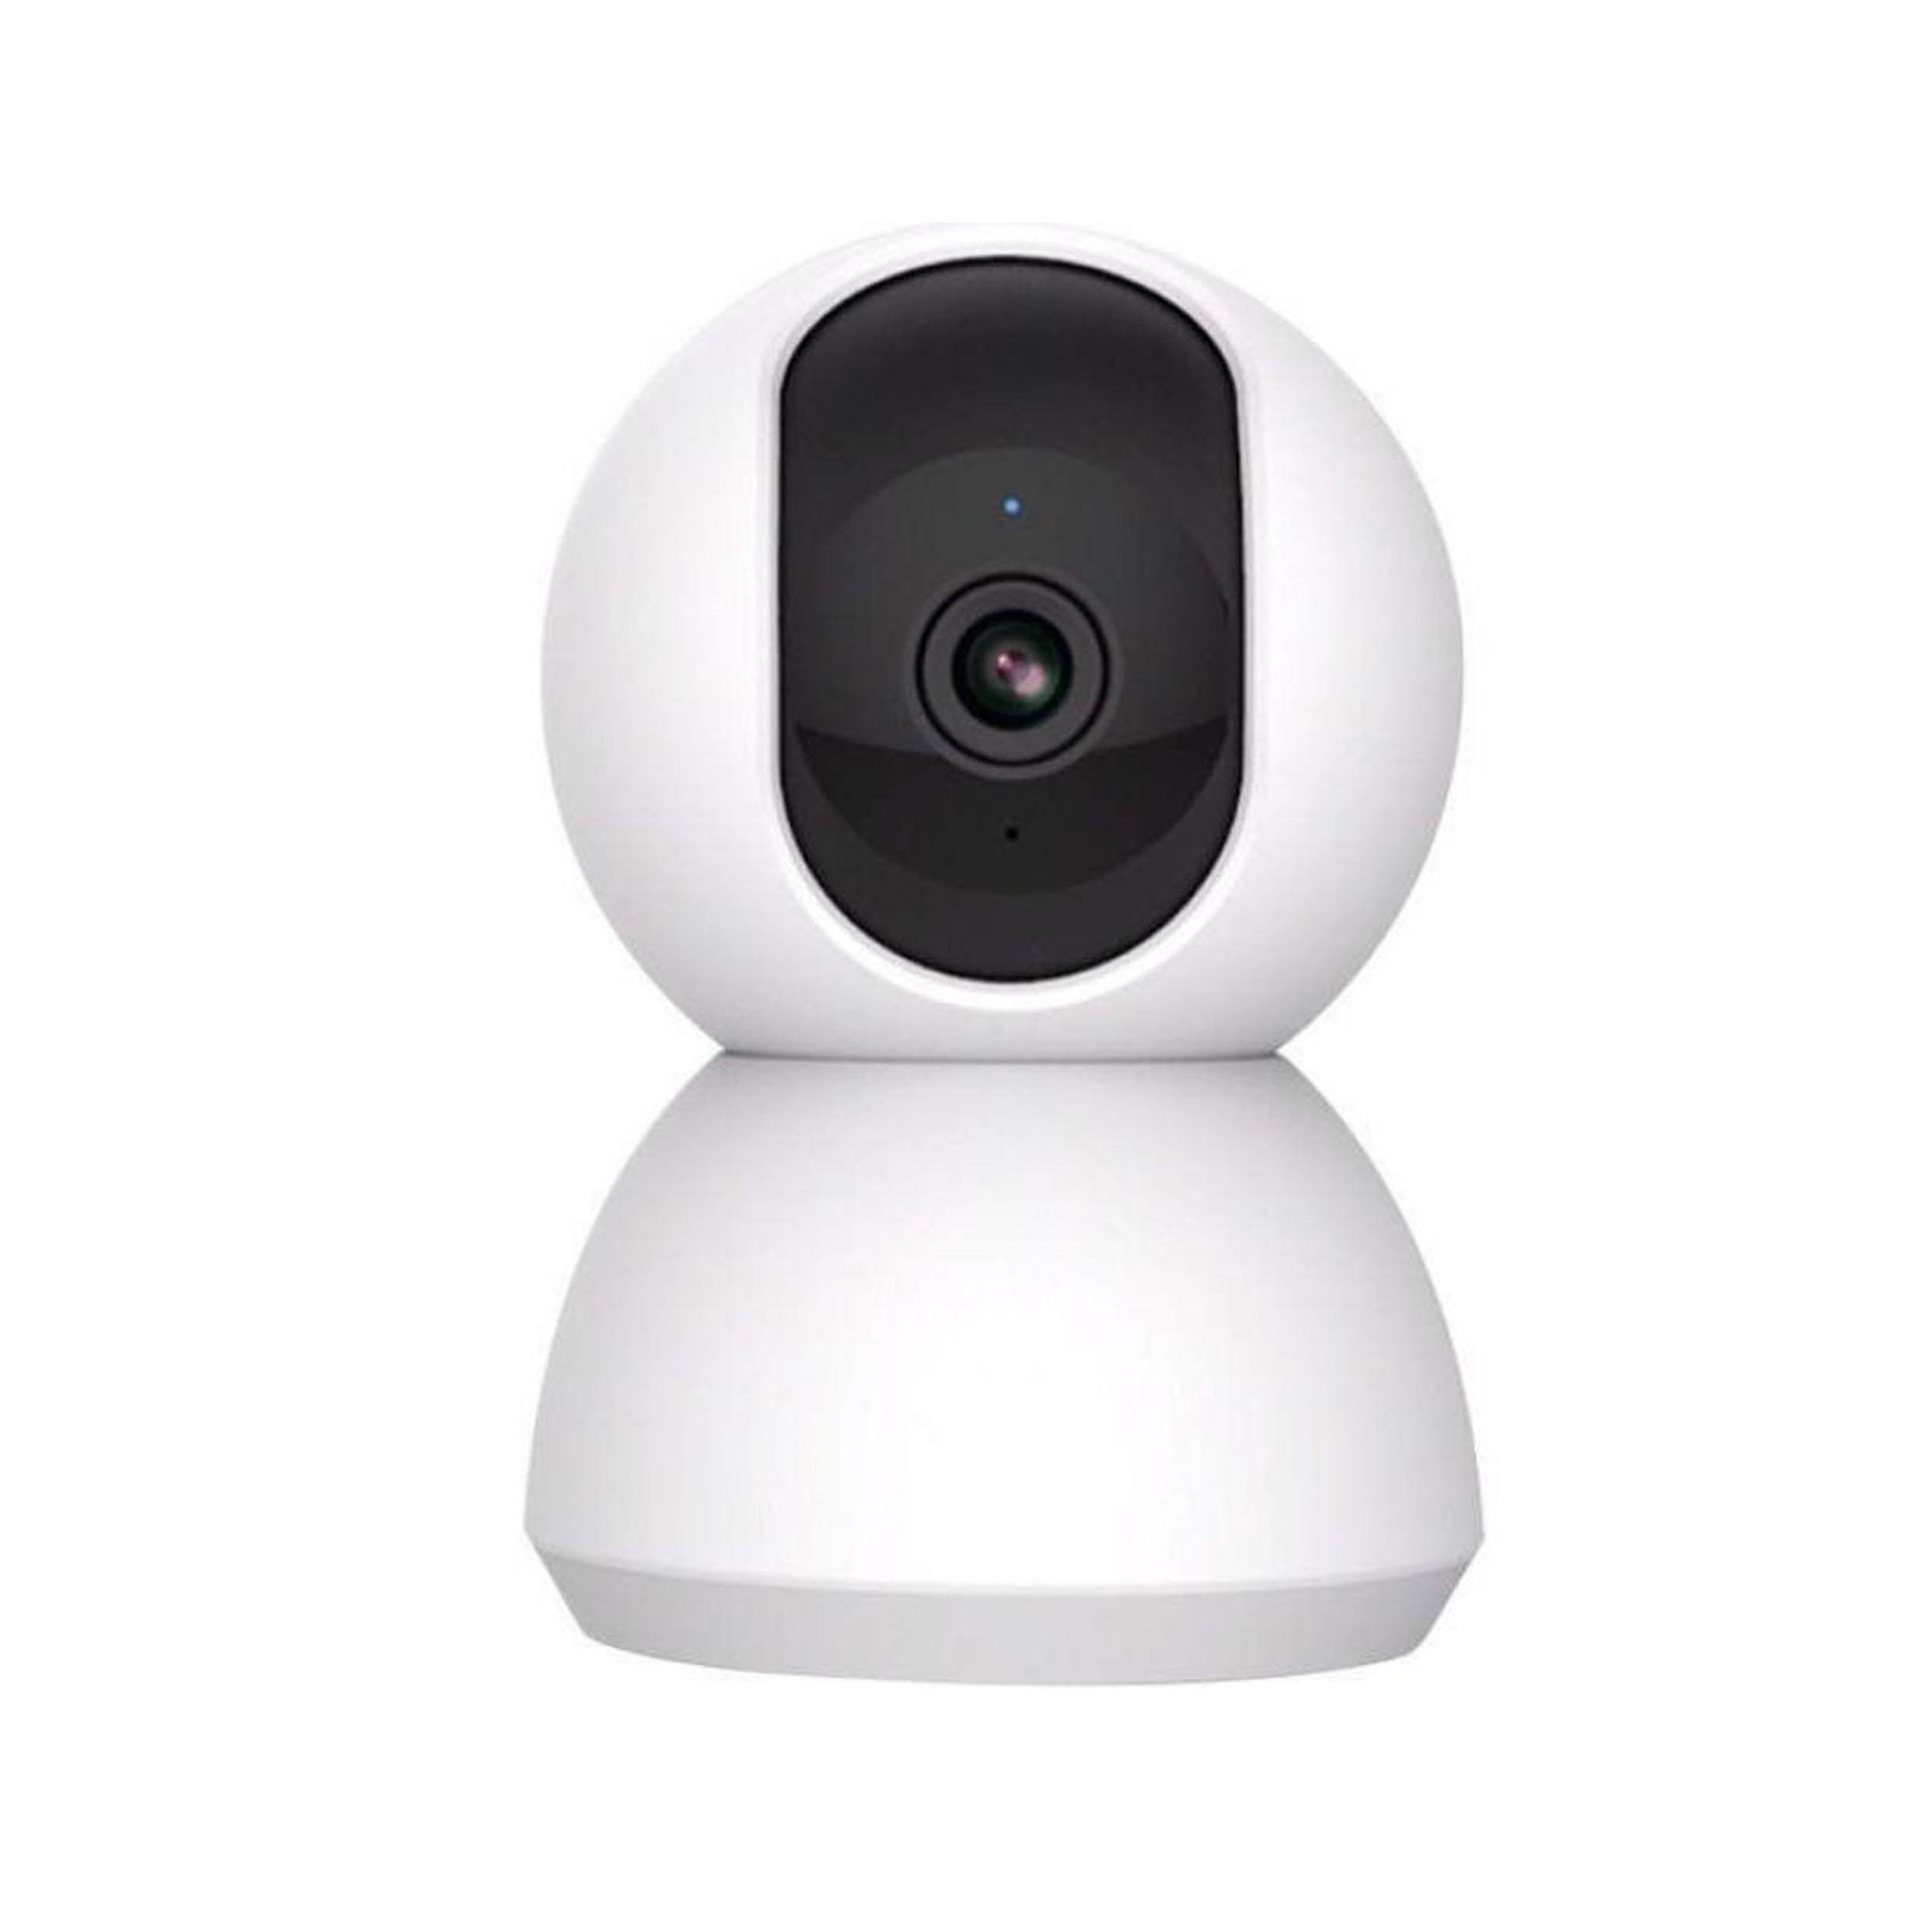 دوربین مداربسته تحت شبکه مدل R9810